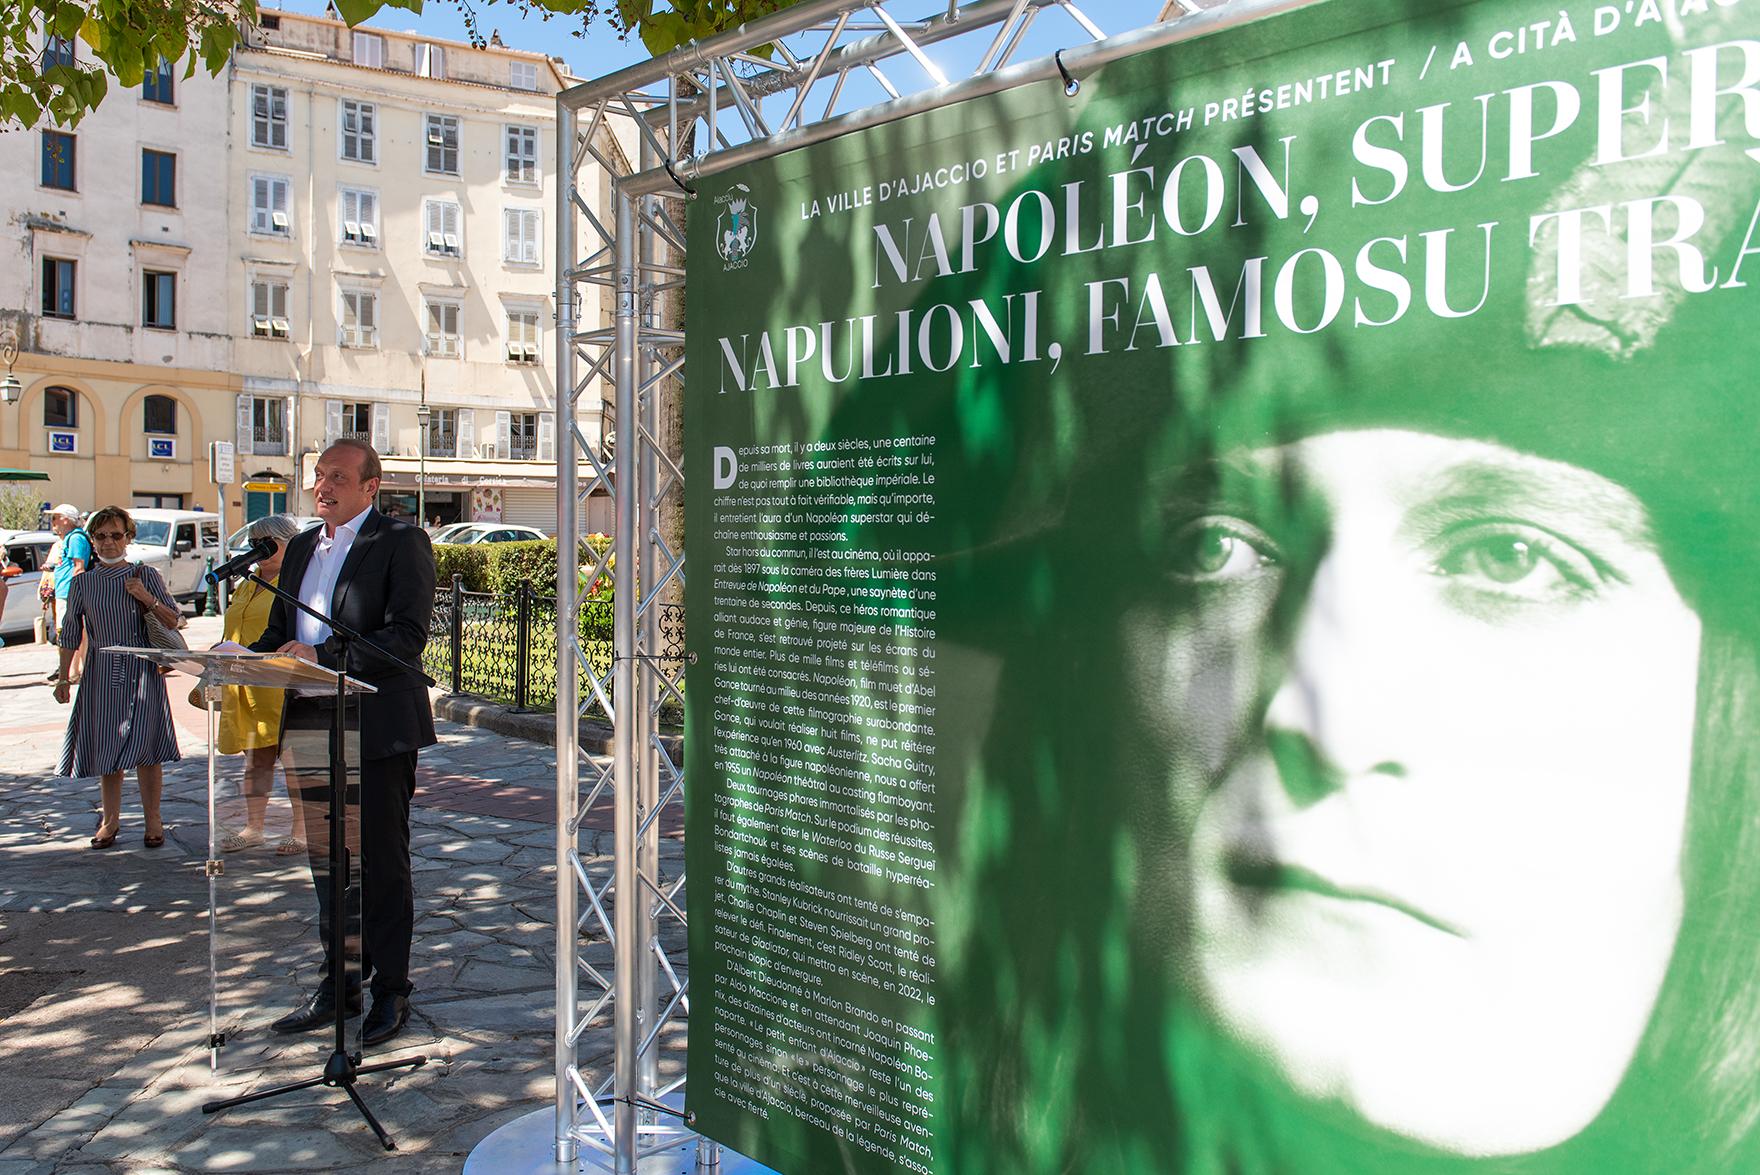 """""""Napoléon est un sujet inépuisable"""", a souligné le maire d'Ajaccio lors de l'inauguration de l'exposition à ciel ouvert de """"Napoléon Superstar"""" (Photos Ville d'Ajaccio)."""